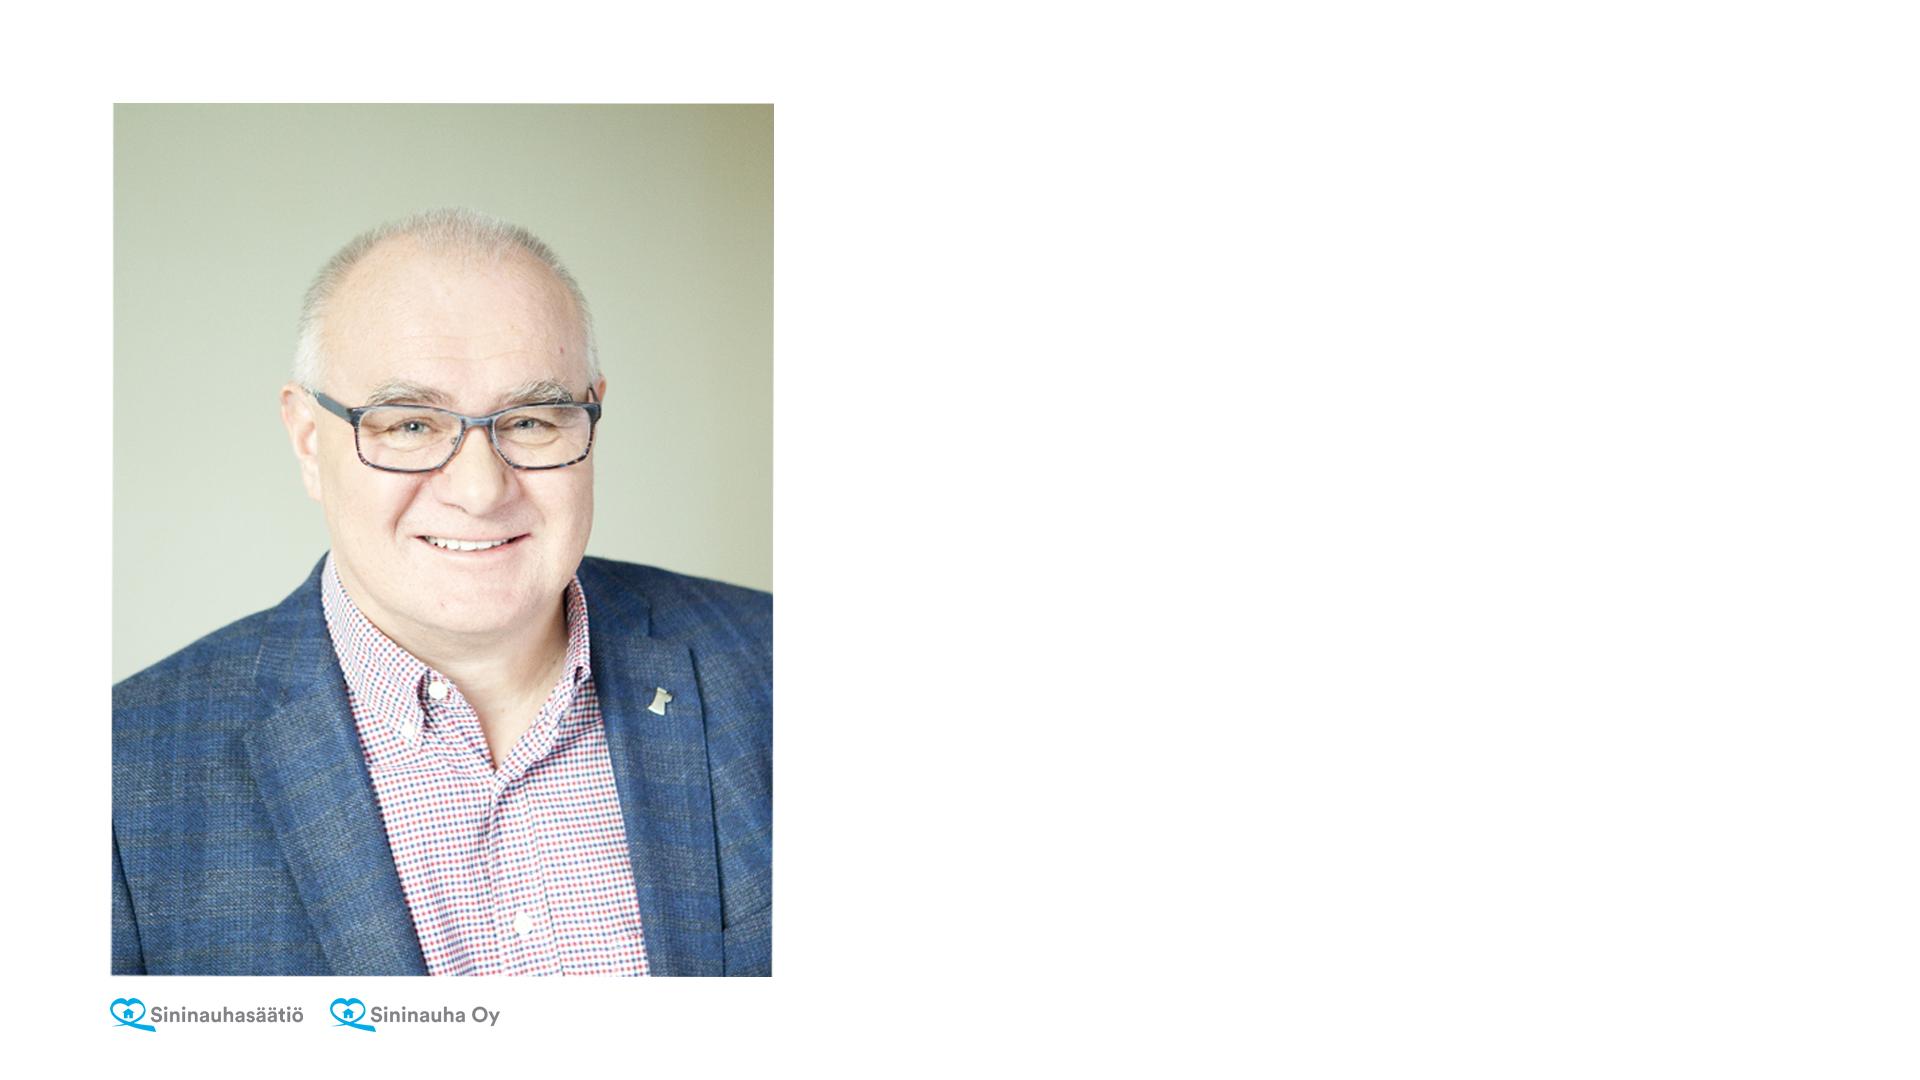 Sininauhasäätiö-konsernin toimitusjohtajaksi on valittu kauppatieteiden maisteri ja sosiaali- ja terveysjohtamisen eMBA Kimmo Karvonen. Pitkän kokemuksen johtotehtävistä ja sosiaali- ja terveysalalta omaava Karvonen aloittaa tehtävässään maanantaina 4.5.2020.